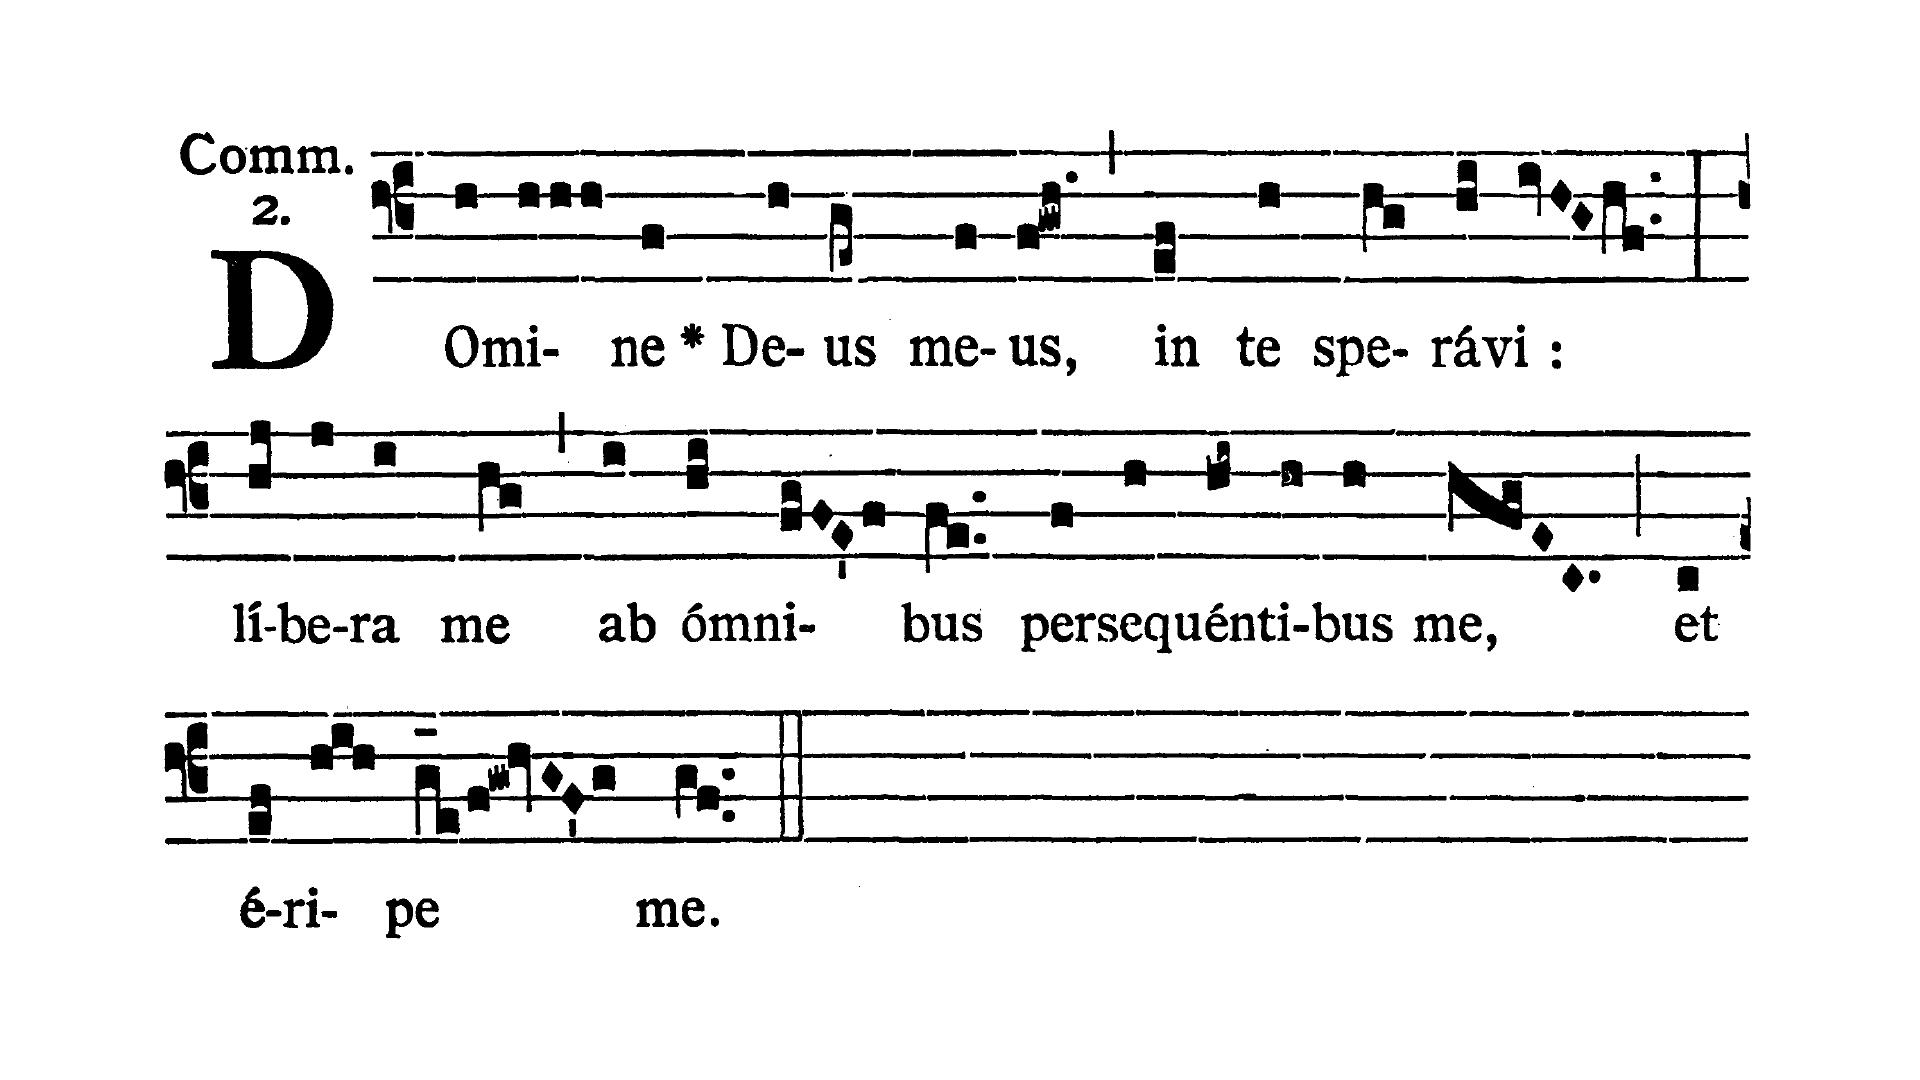 Sabbato Quatuor Temporum Quadragesimae (Sobota suchych dni Wielkiego Postu) - Communio (Domine Deus meus)